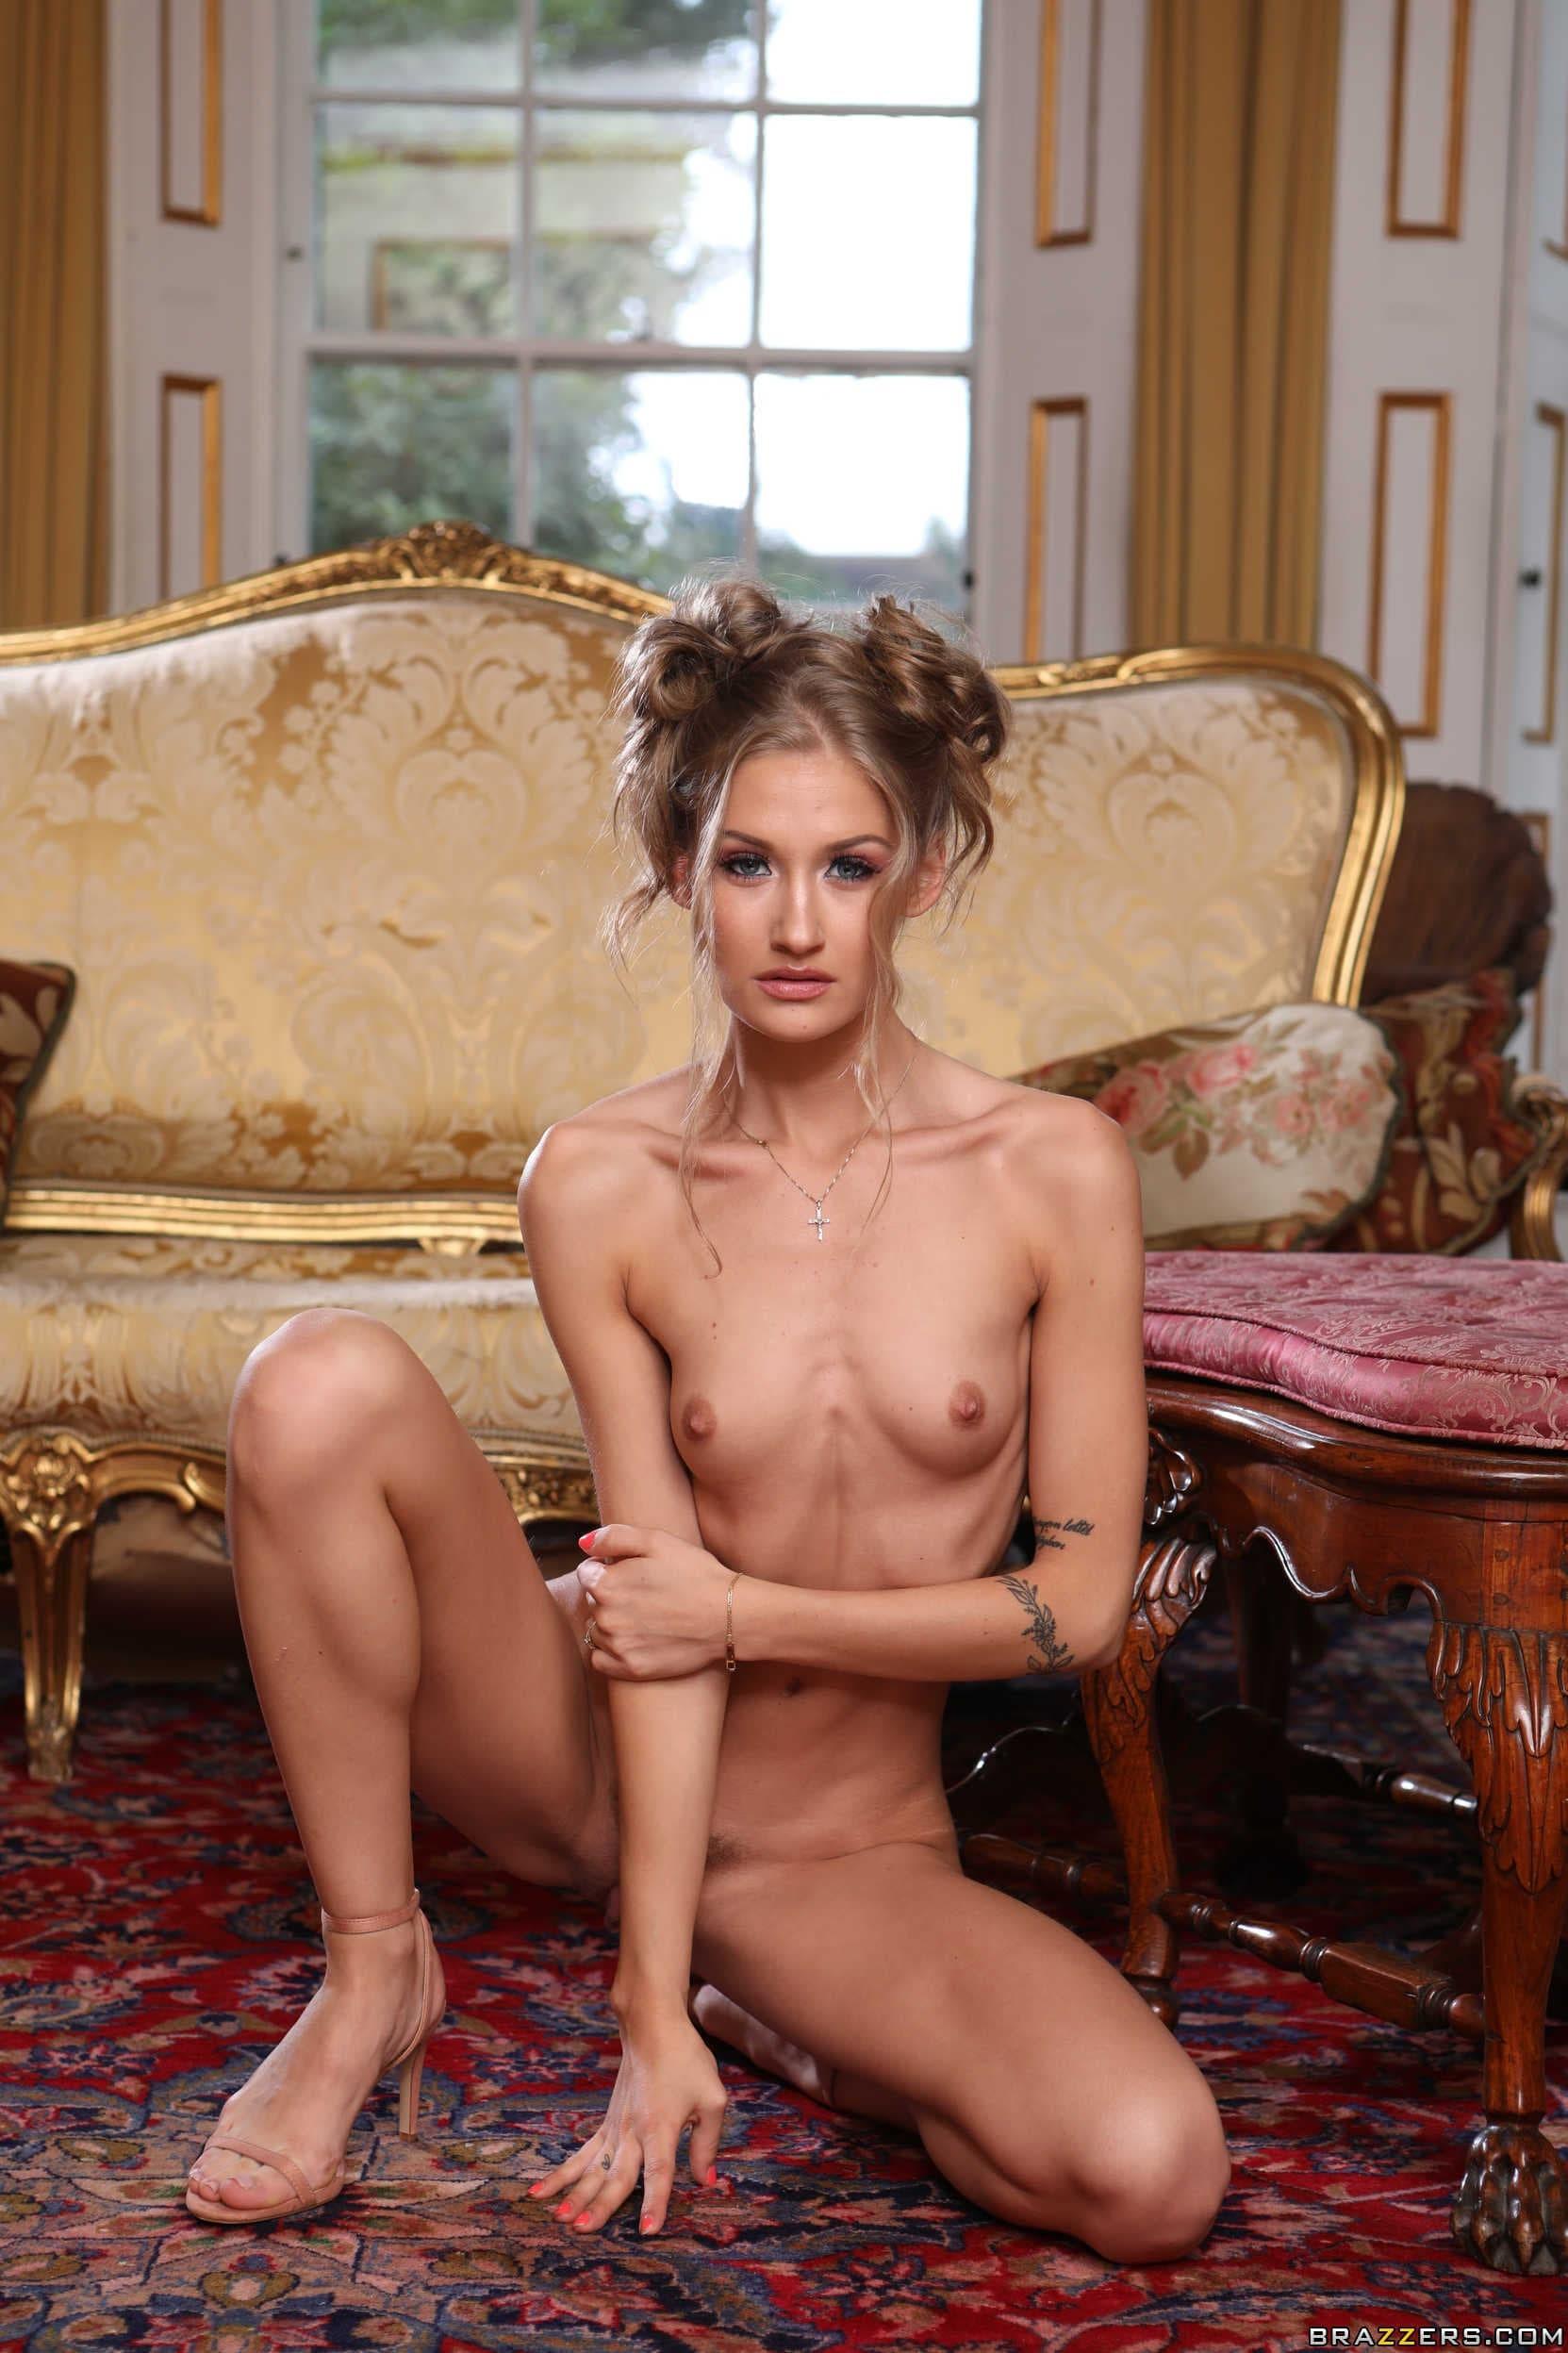 Тощая девушка с удой жопой - фото